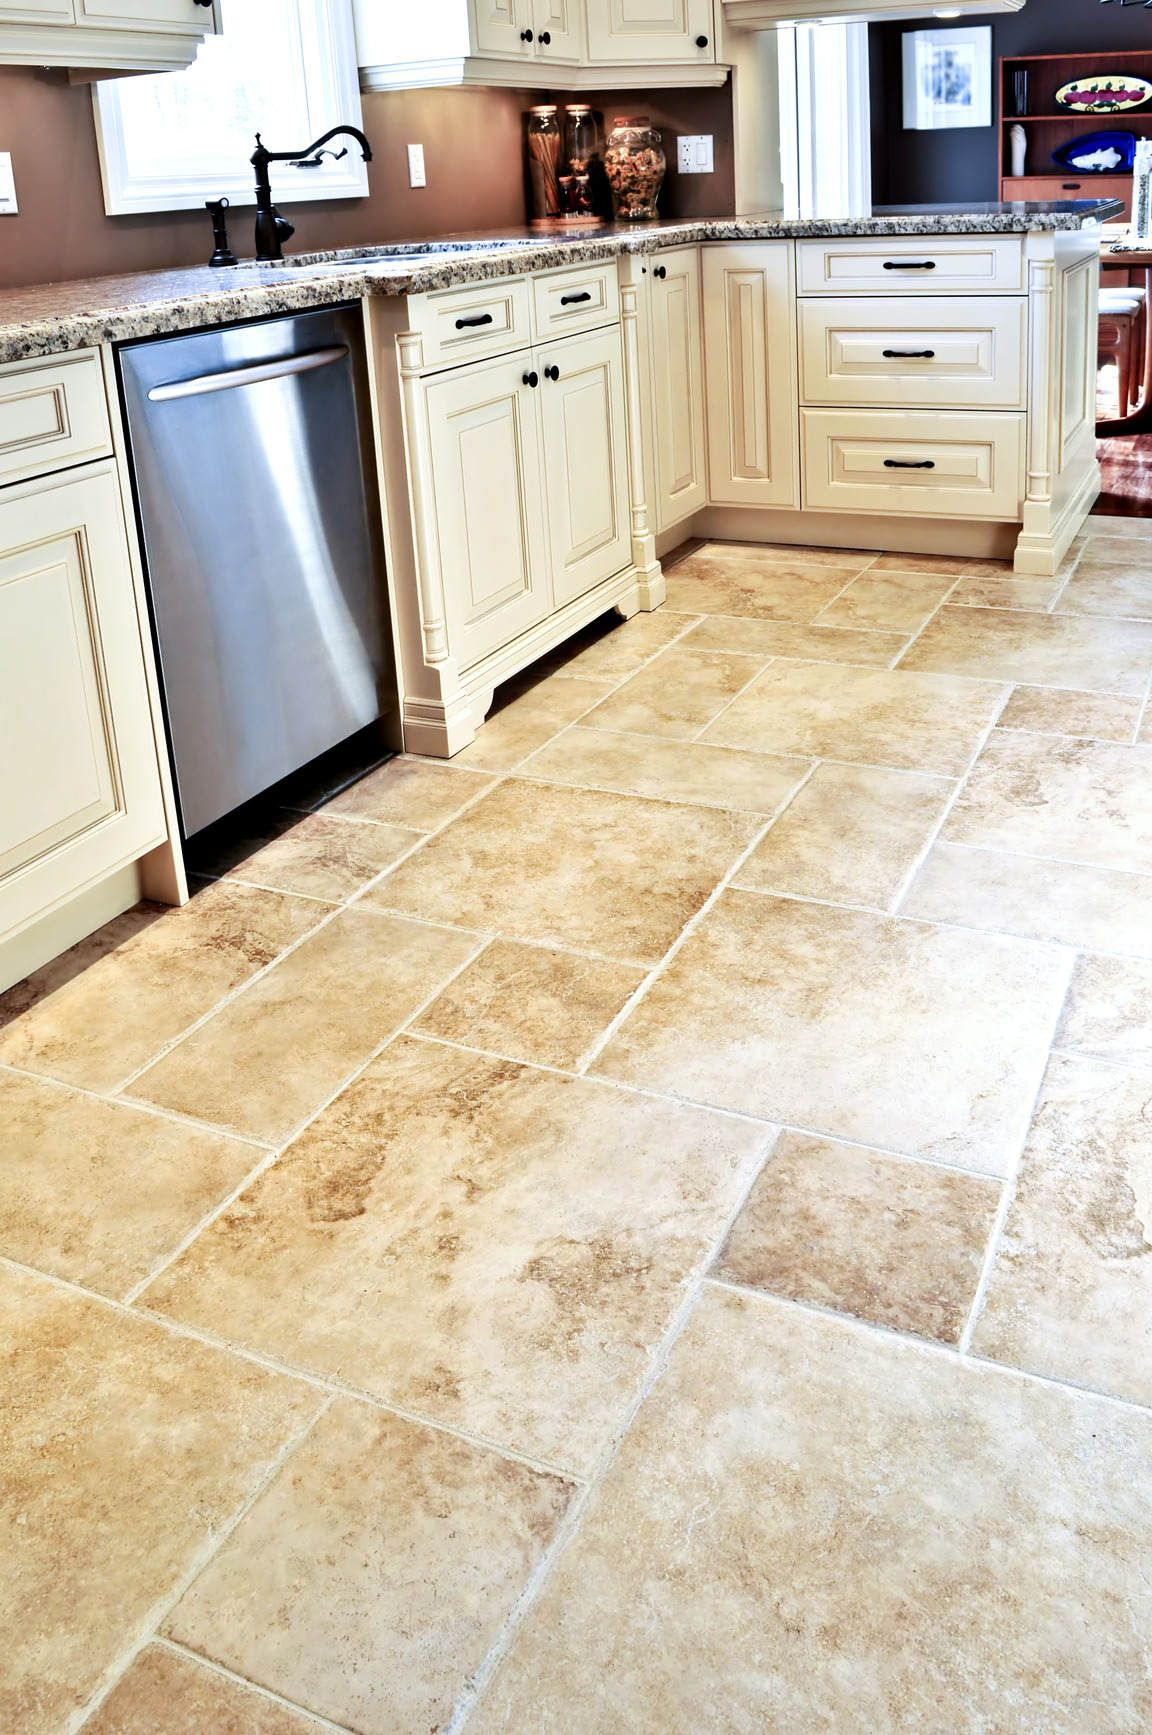 Best Flooring For Kitchen Tile Floor In Modern Kitchen